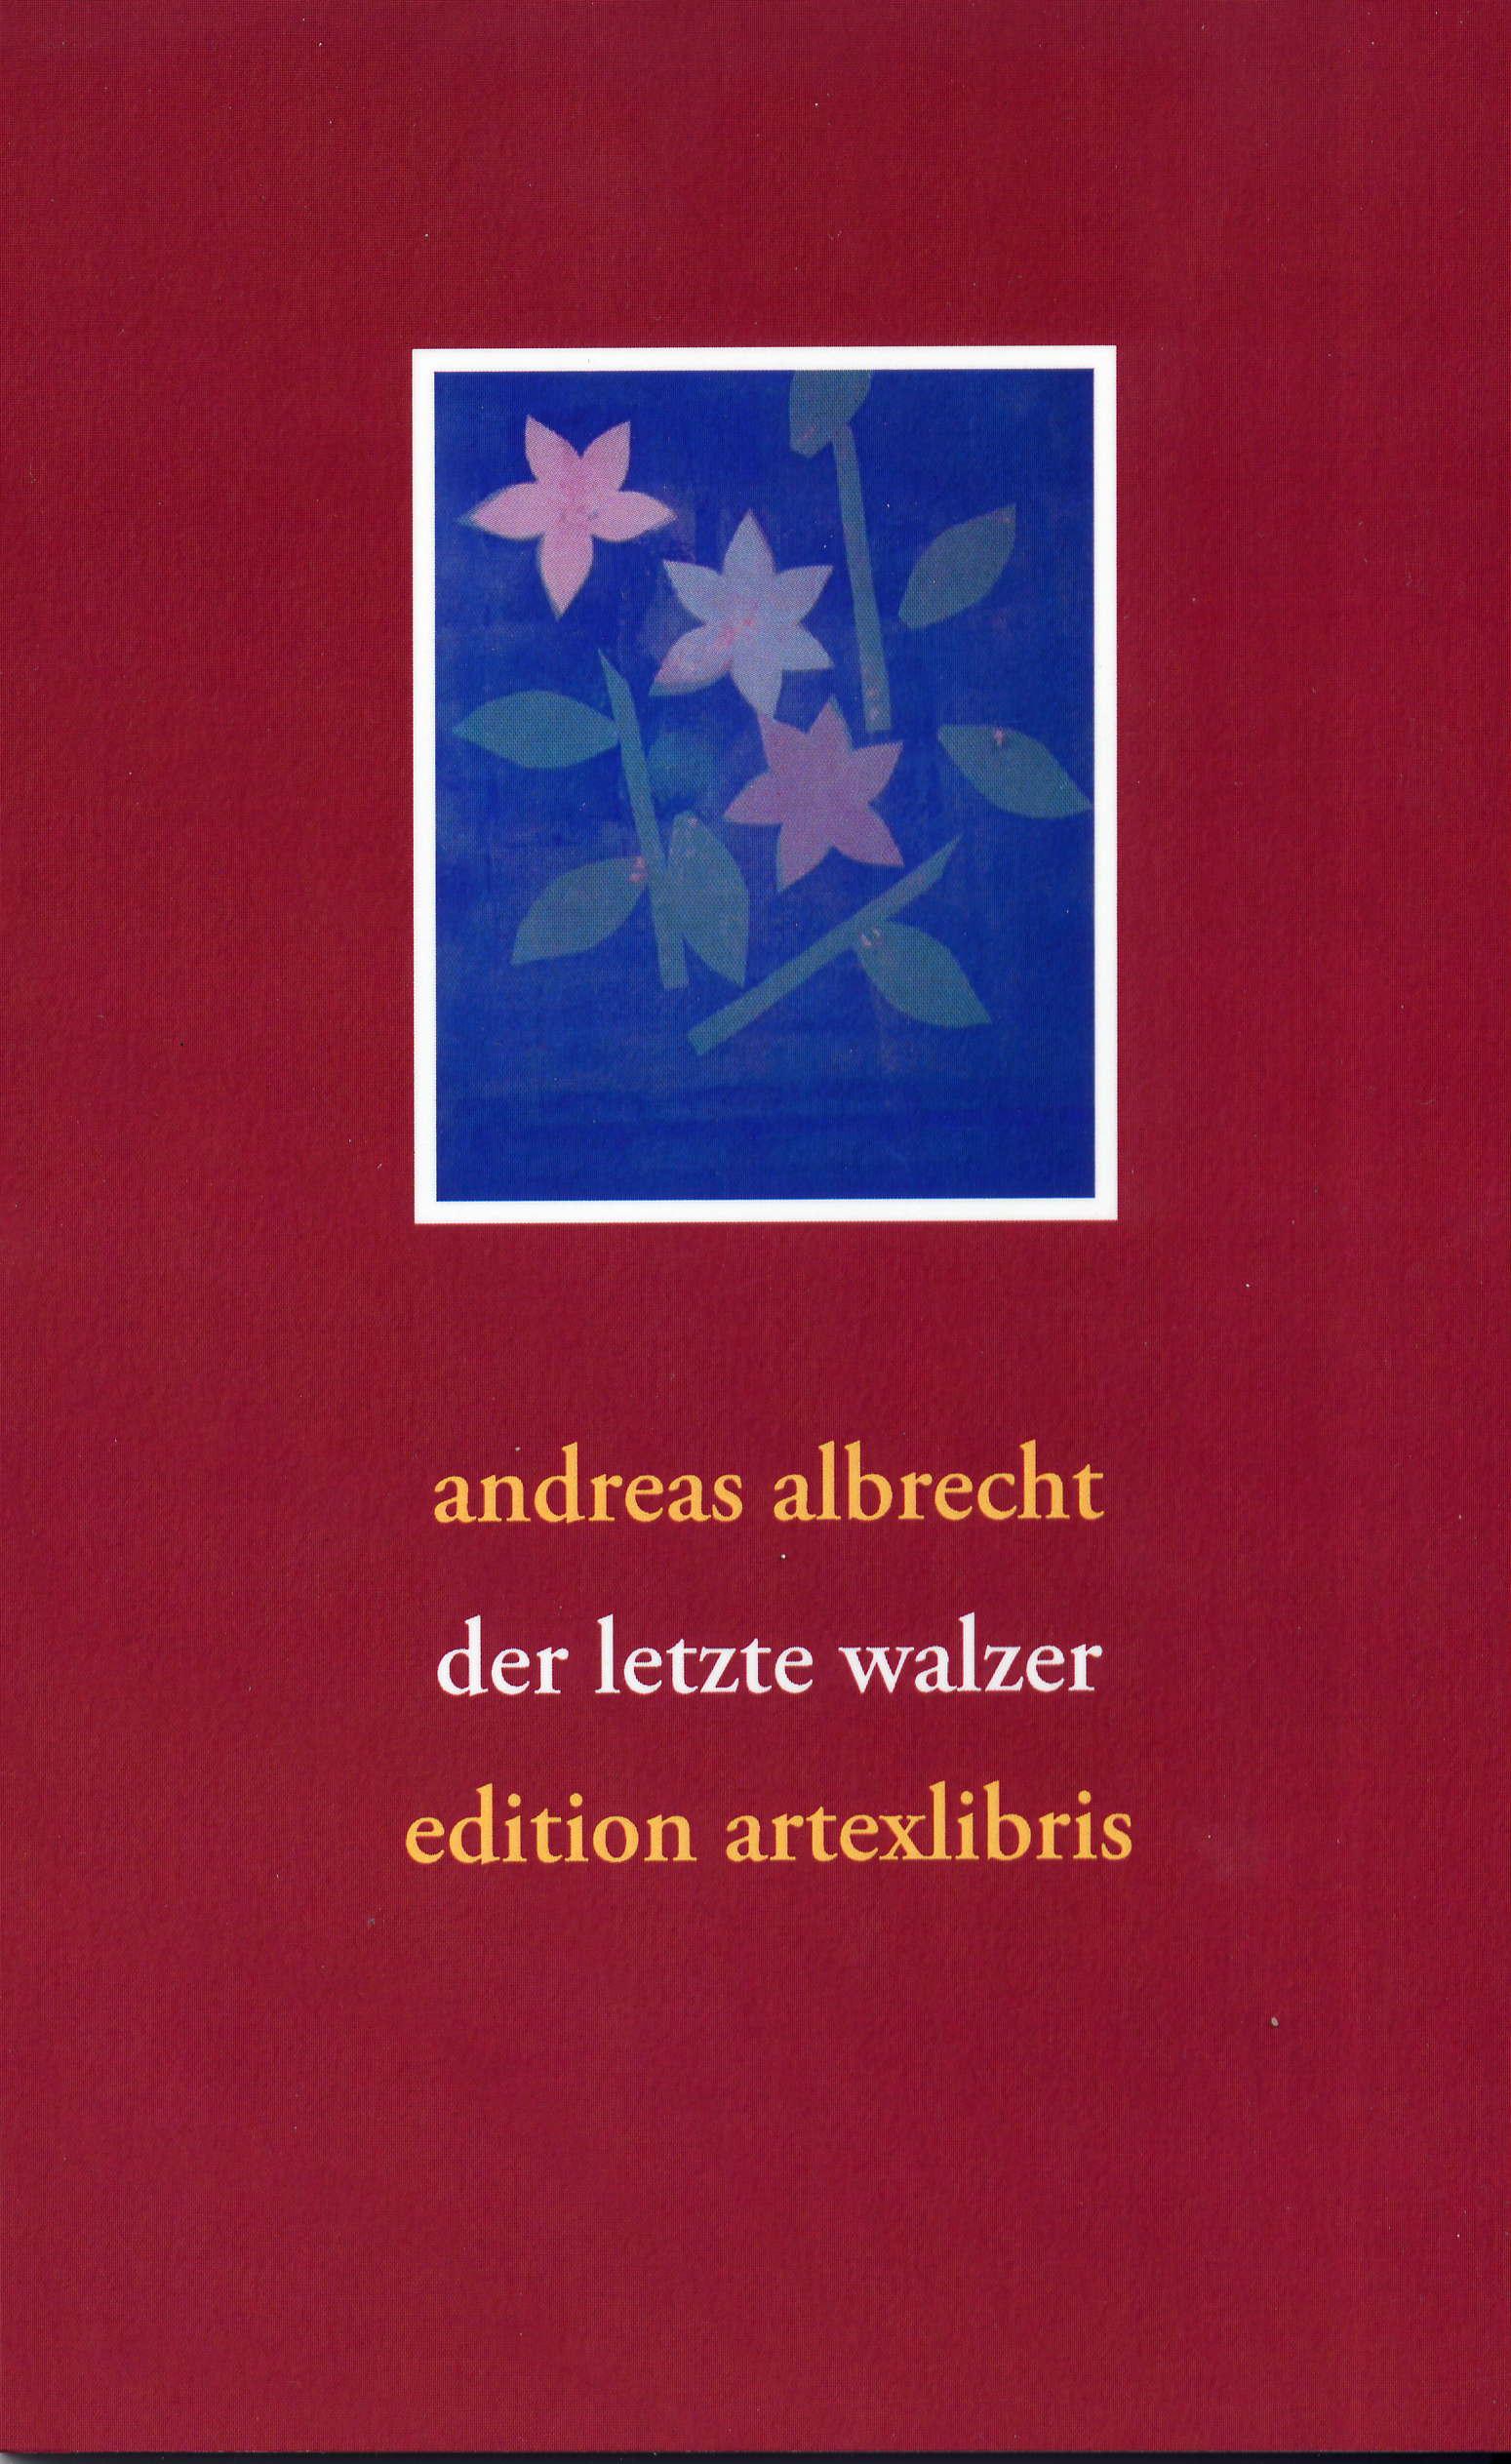 """Der """"letzte walzer"""" wühlt auf, berührt und fasziniert ... (Roswitha Bloch, Schriftstellerin)"""